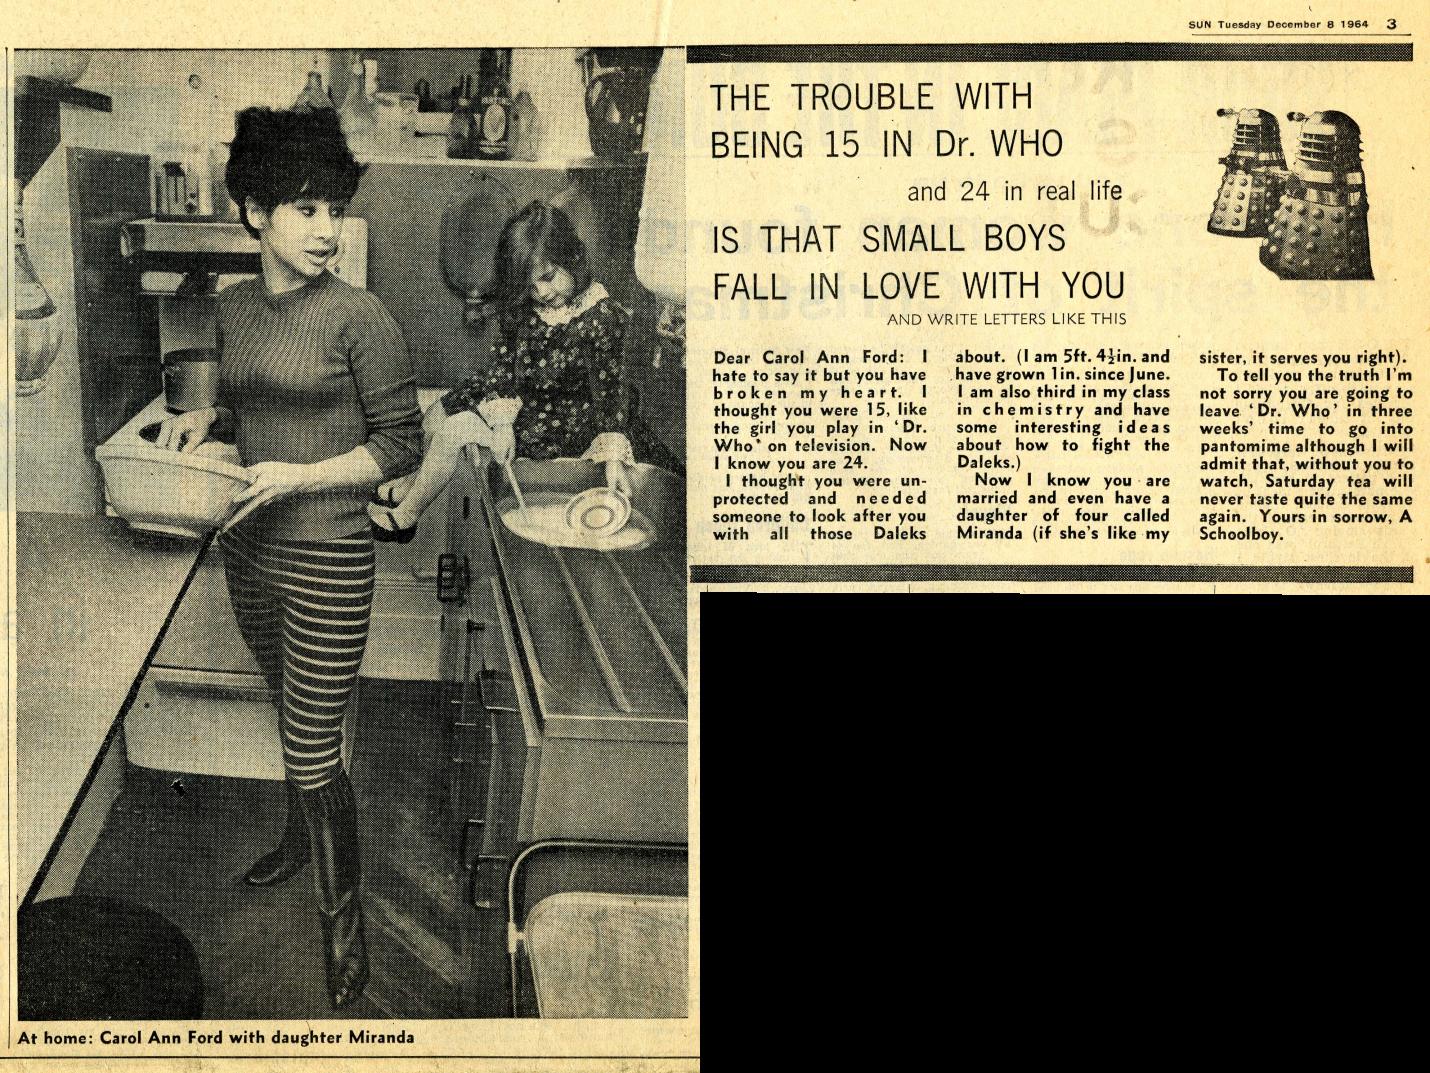 The Sun, 6 December 1964